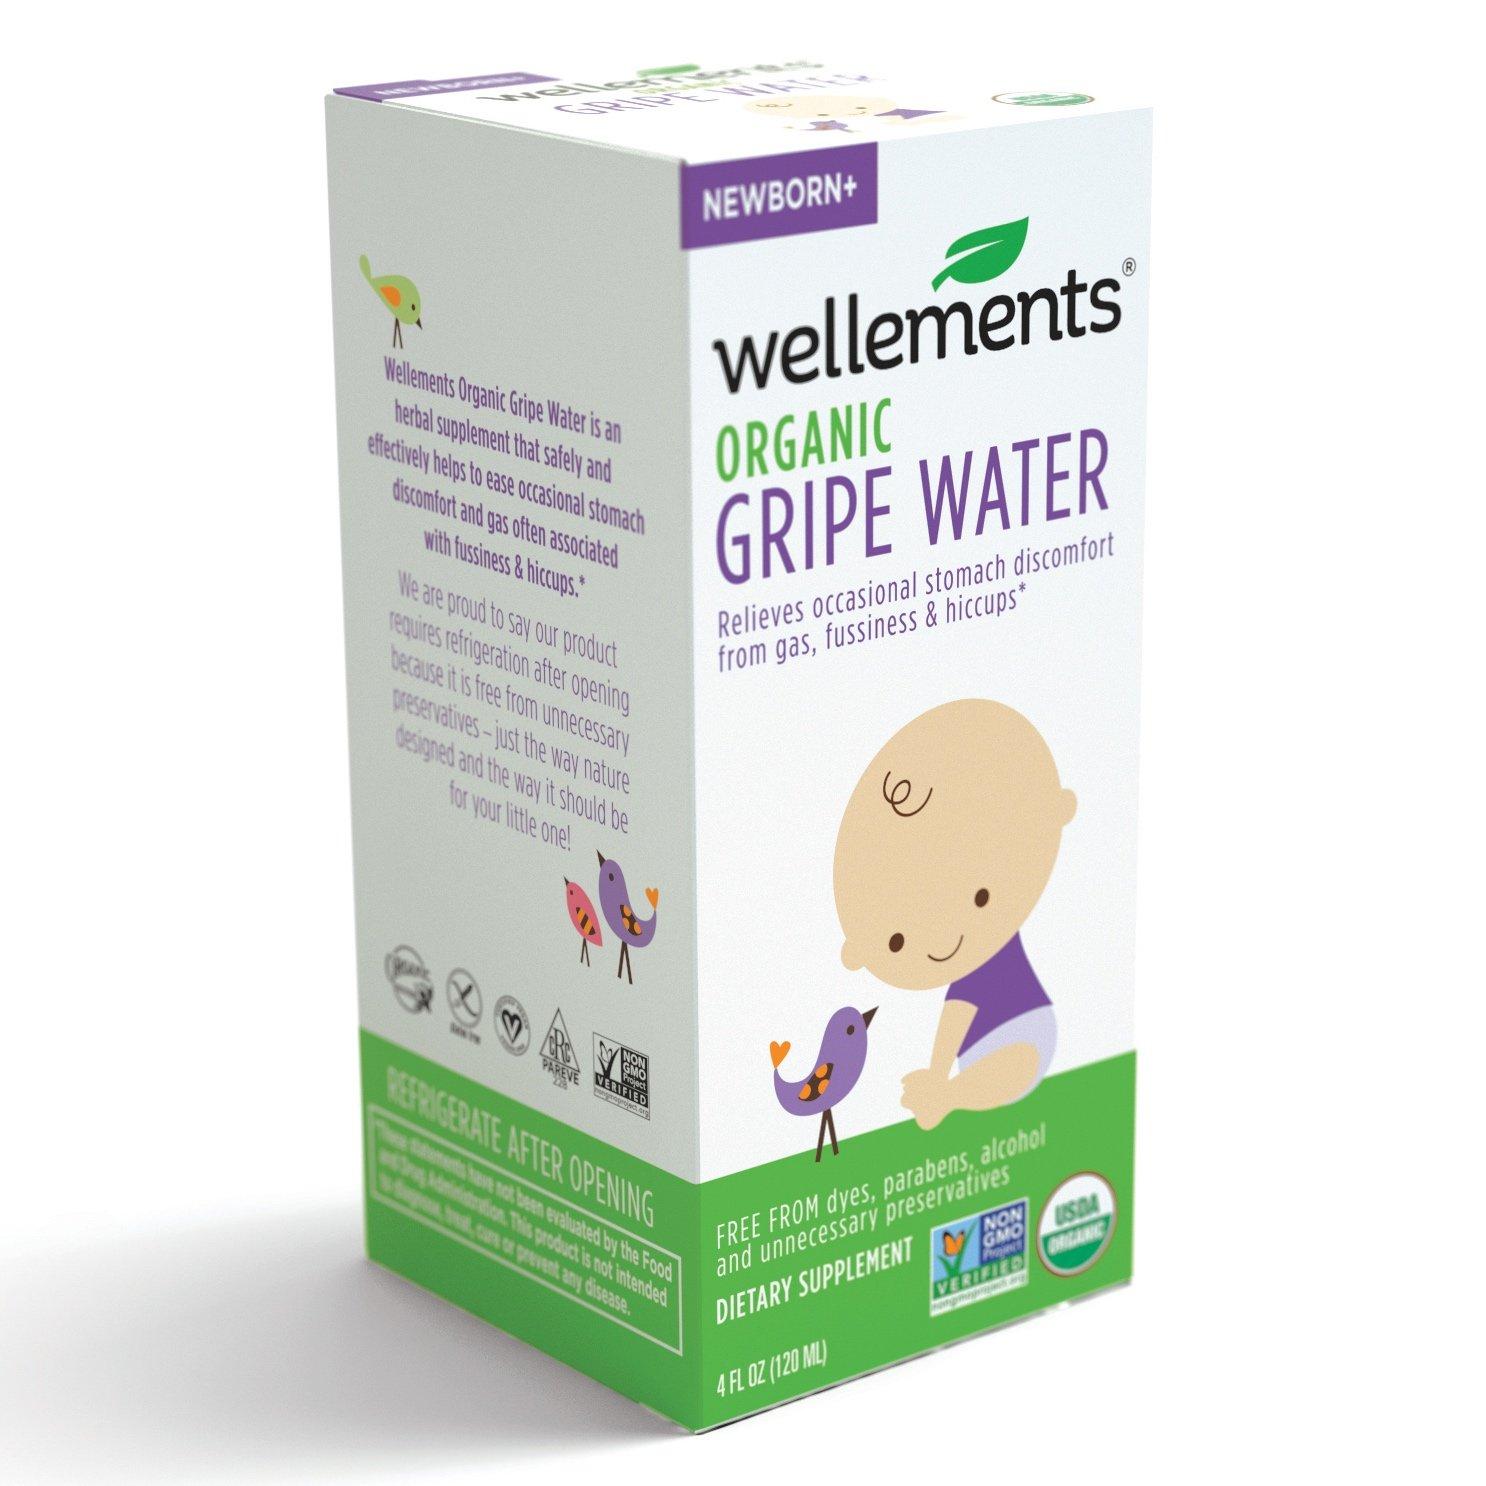 海外直送肘 Wellements Childrens Gripe Water For Colic, 4 oz B000GCHOEW